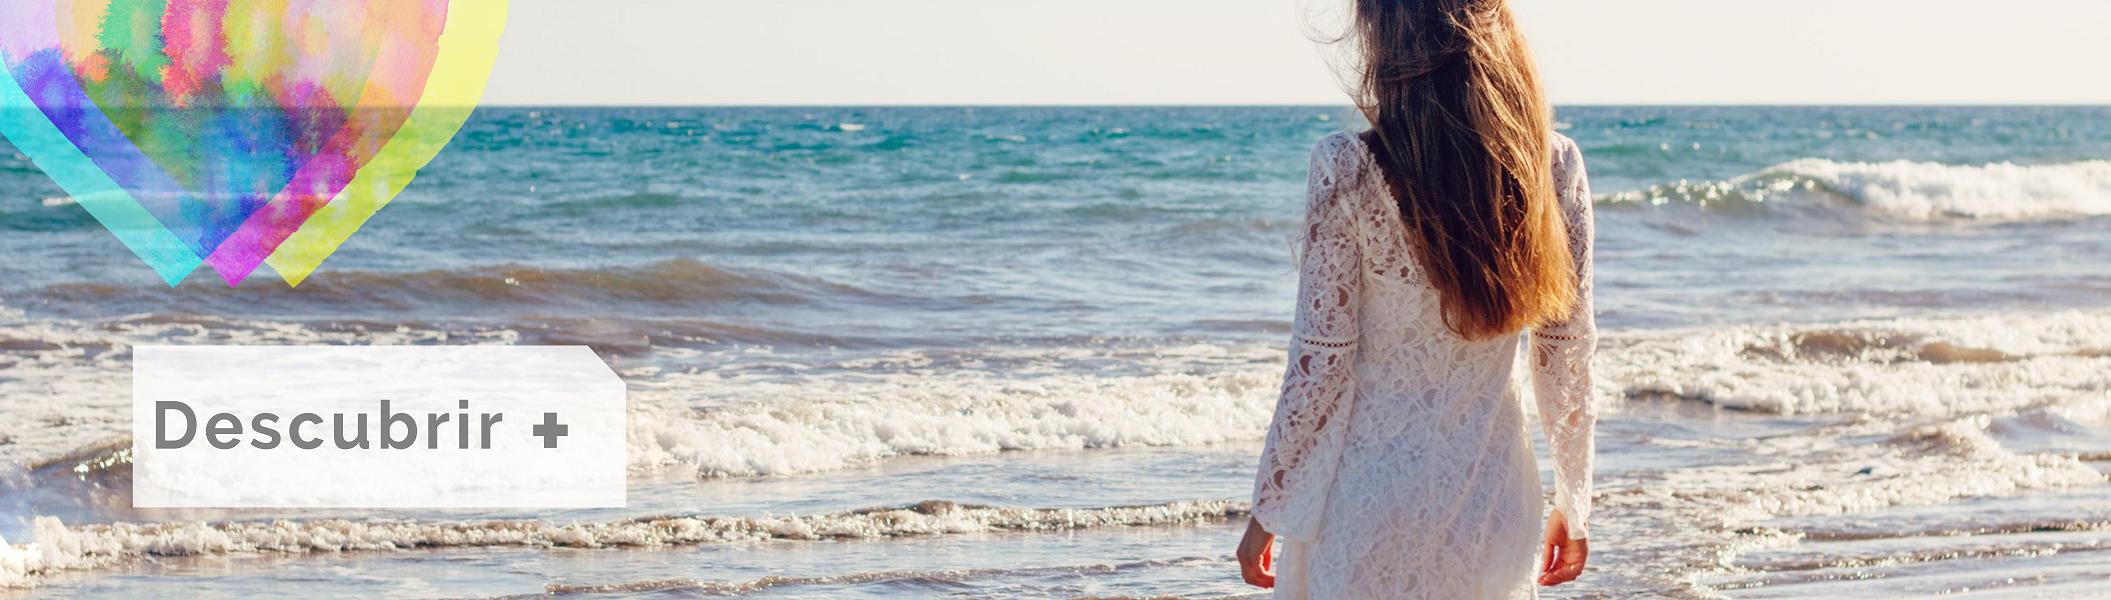 Moda Ibicenca Verano 2020 en Colores del Arcoíris. Vestidos Blancos Ibiza